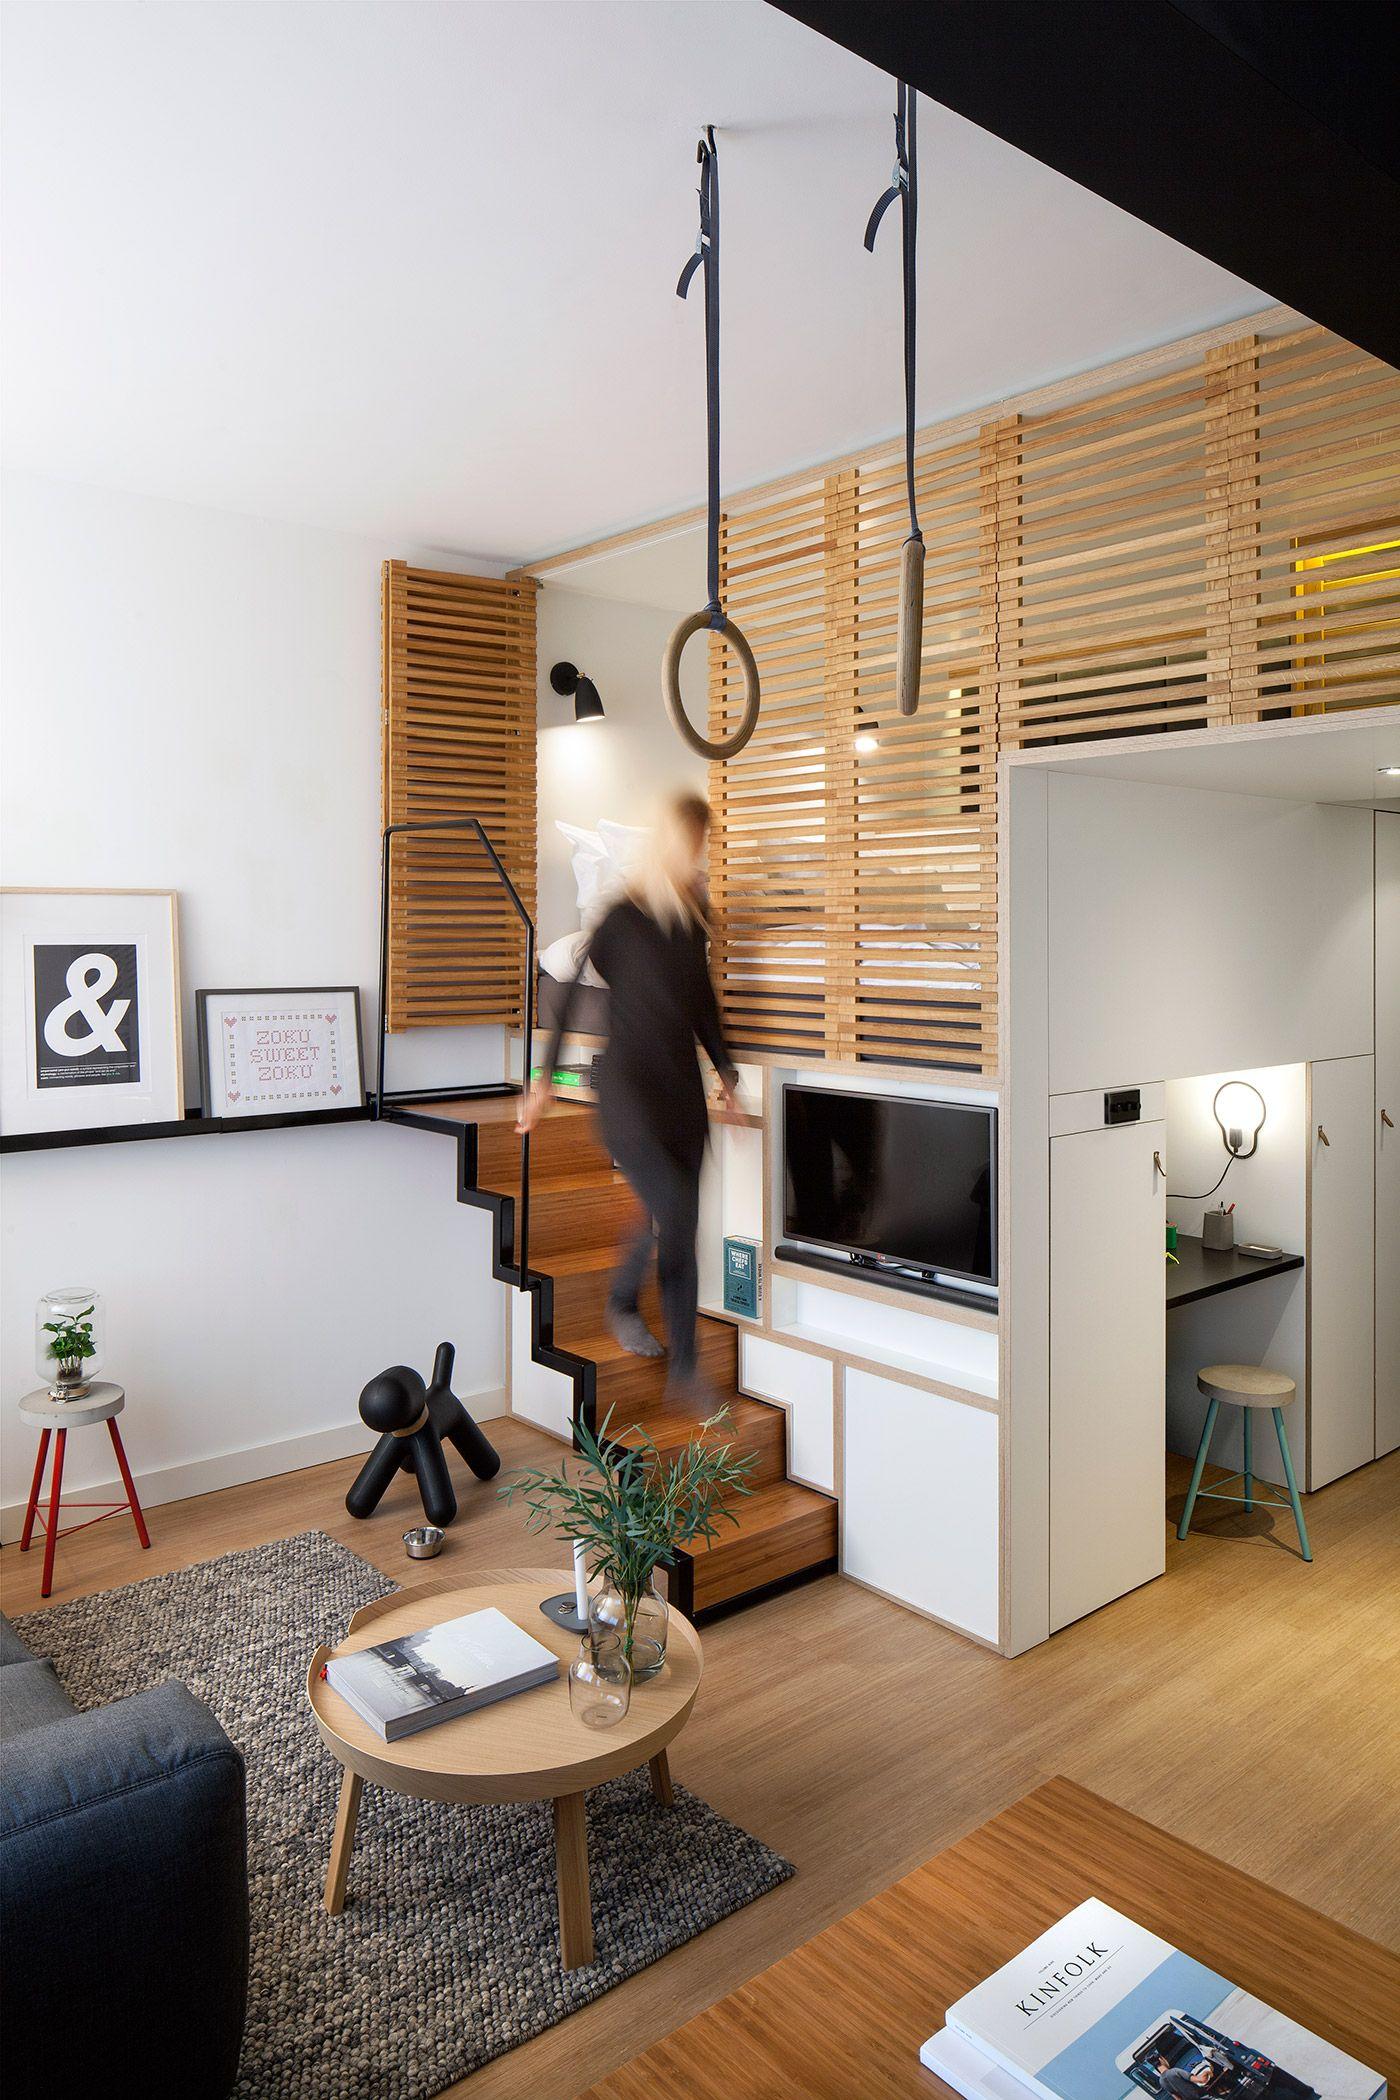 Lichtdurchlässiger Trenner Zwischen Bett Und Restlichem Zimmer